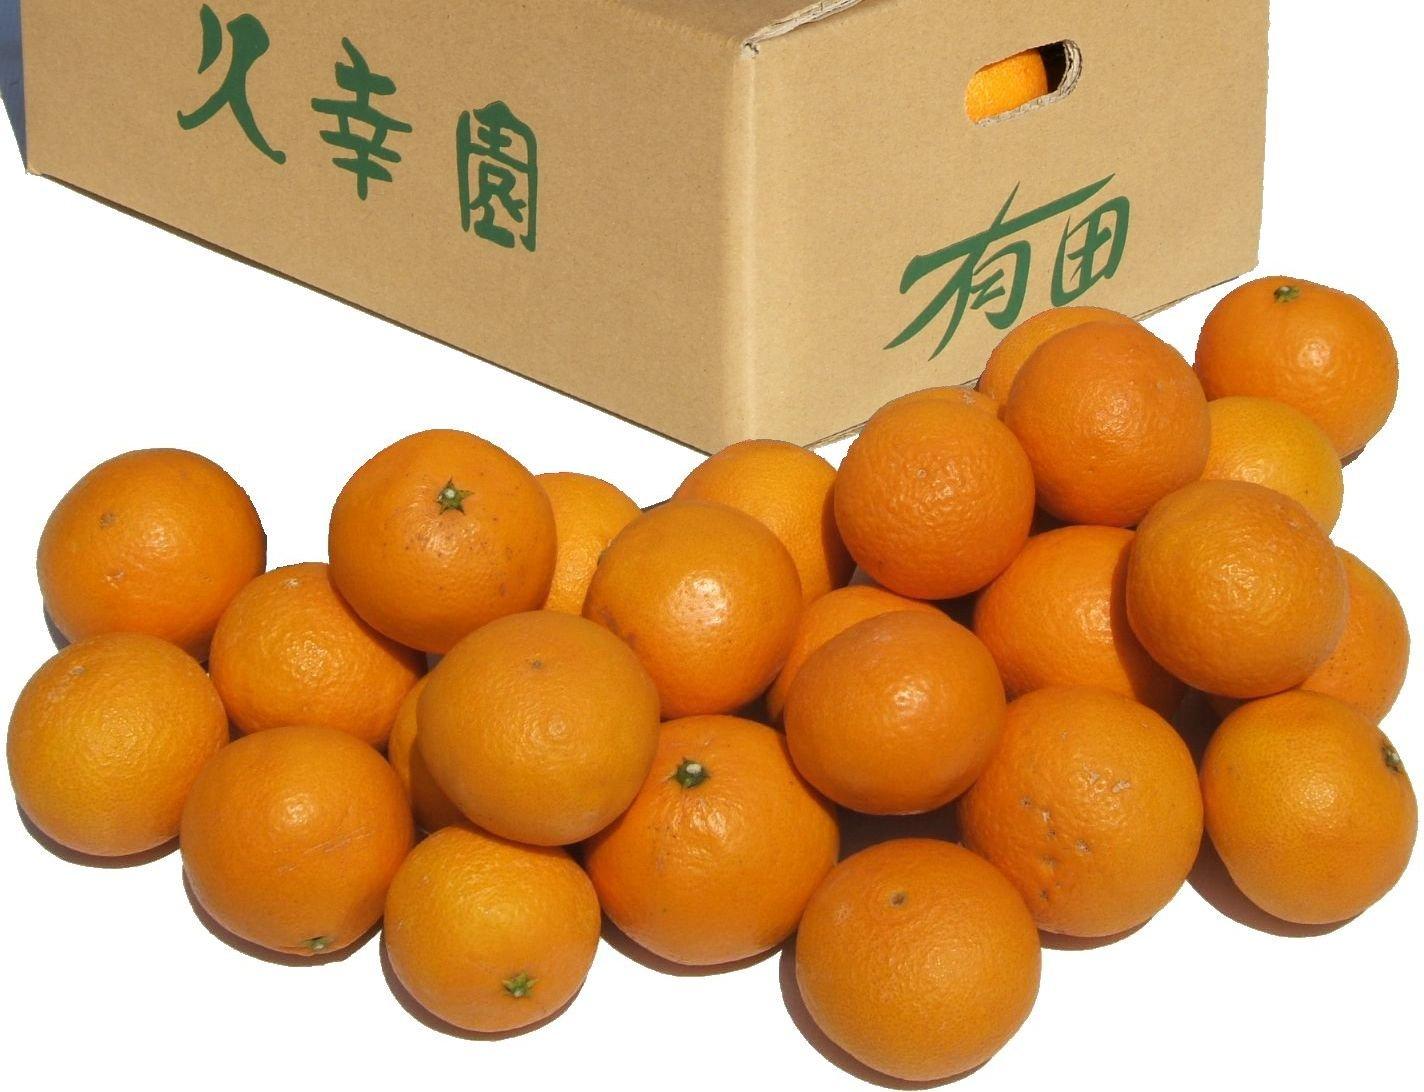 三ヶ日蜜柑 静岡産 約8㎏ 2L~4L 秀品~優品 早生・青島品種リレー 個選果品 貯蔵熟成 みかん